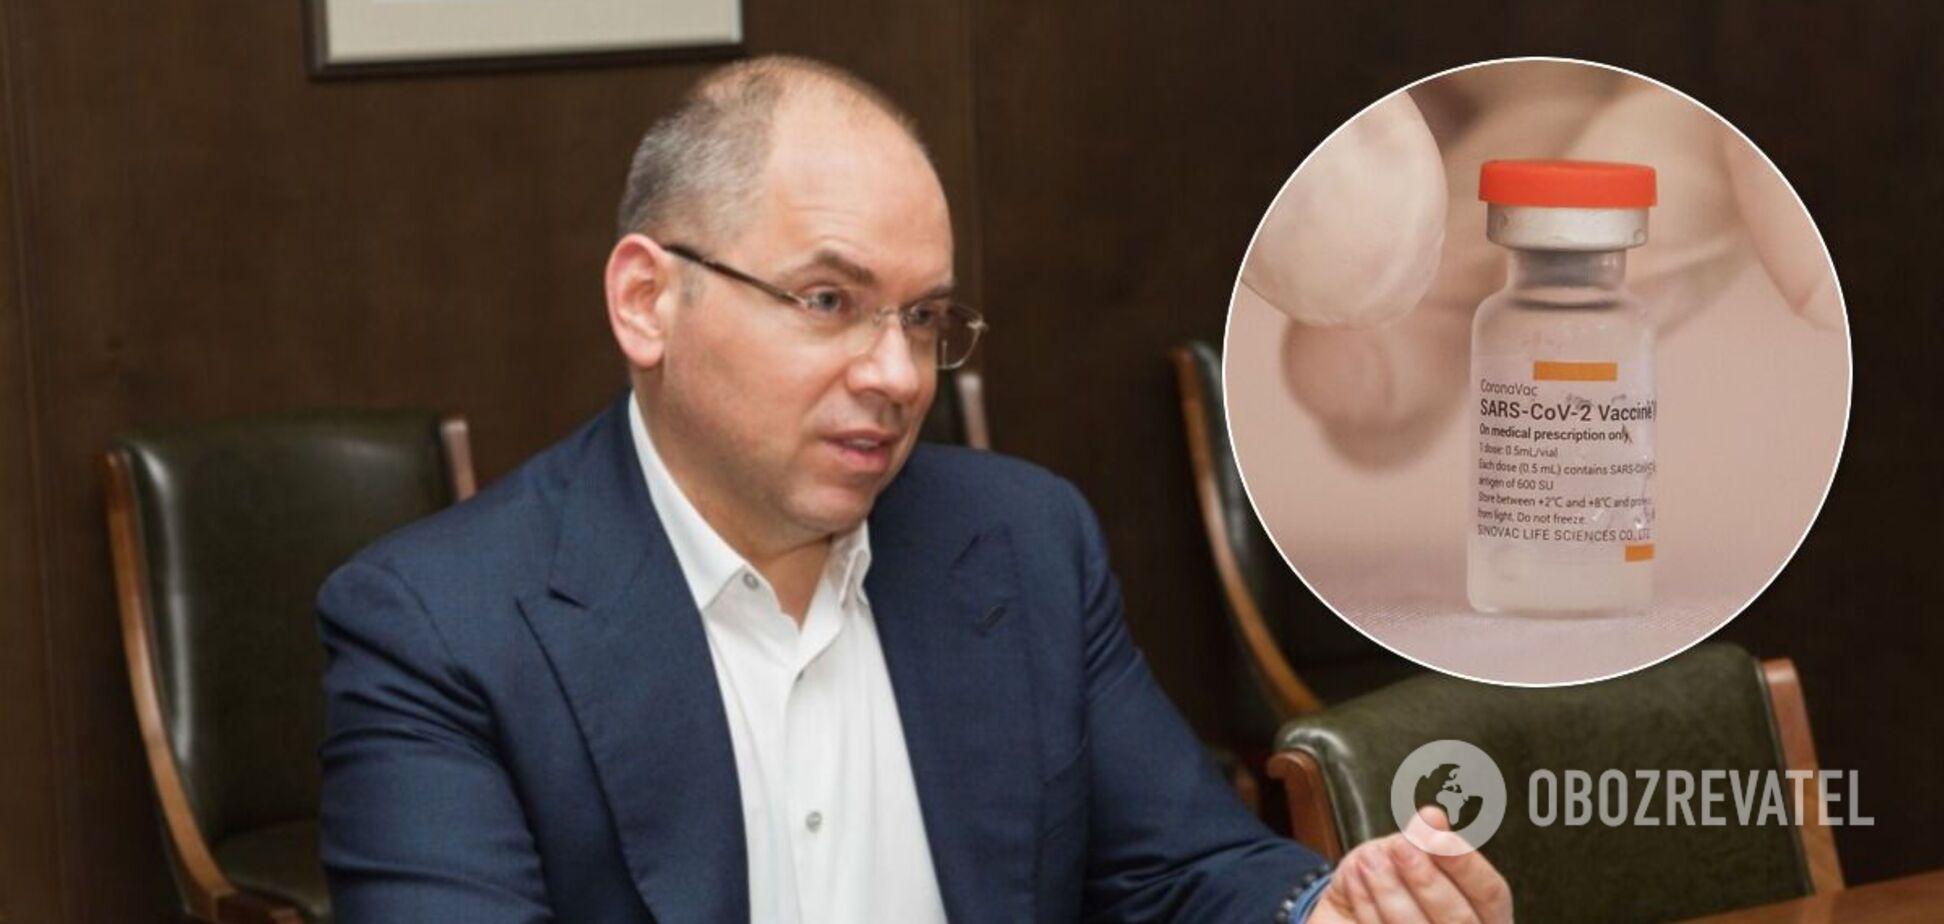 Степанов пояснив 'зраду' із закупівлею найдорожчої китайської вакцини